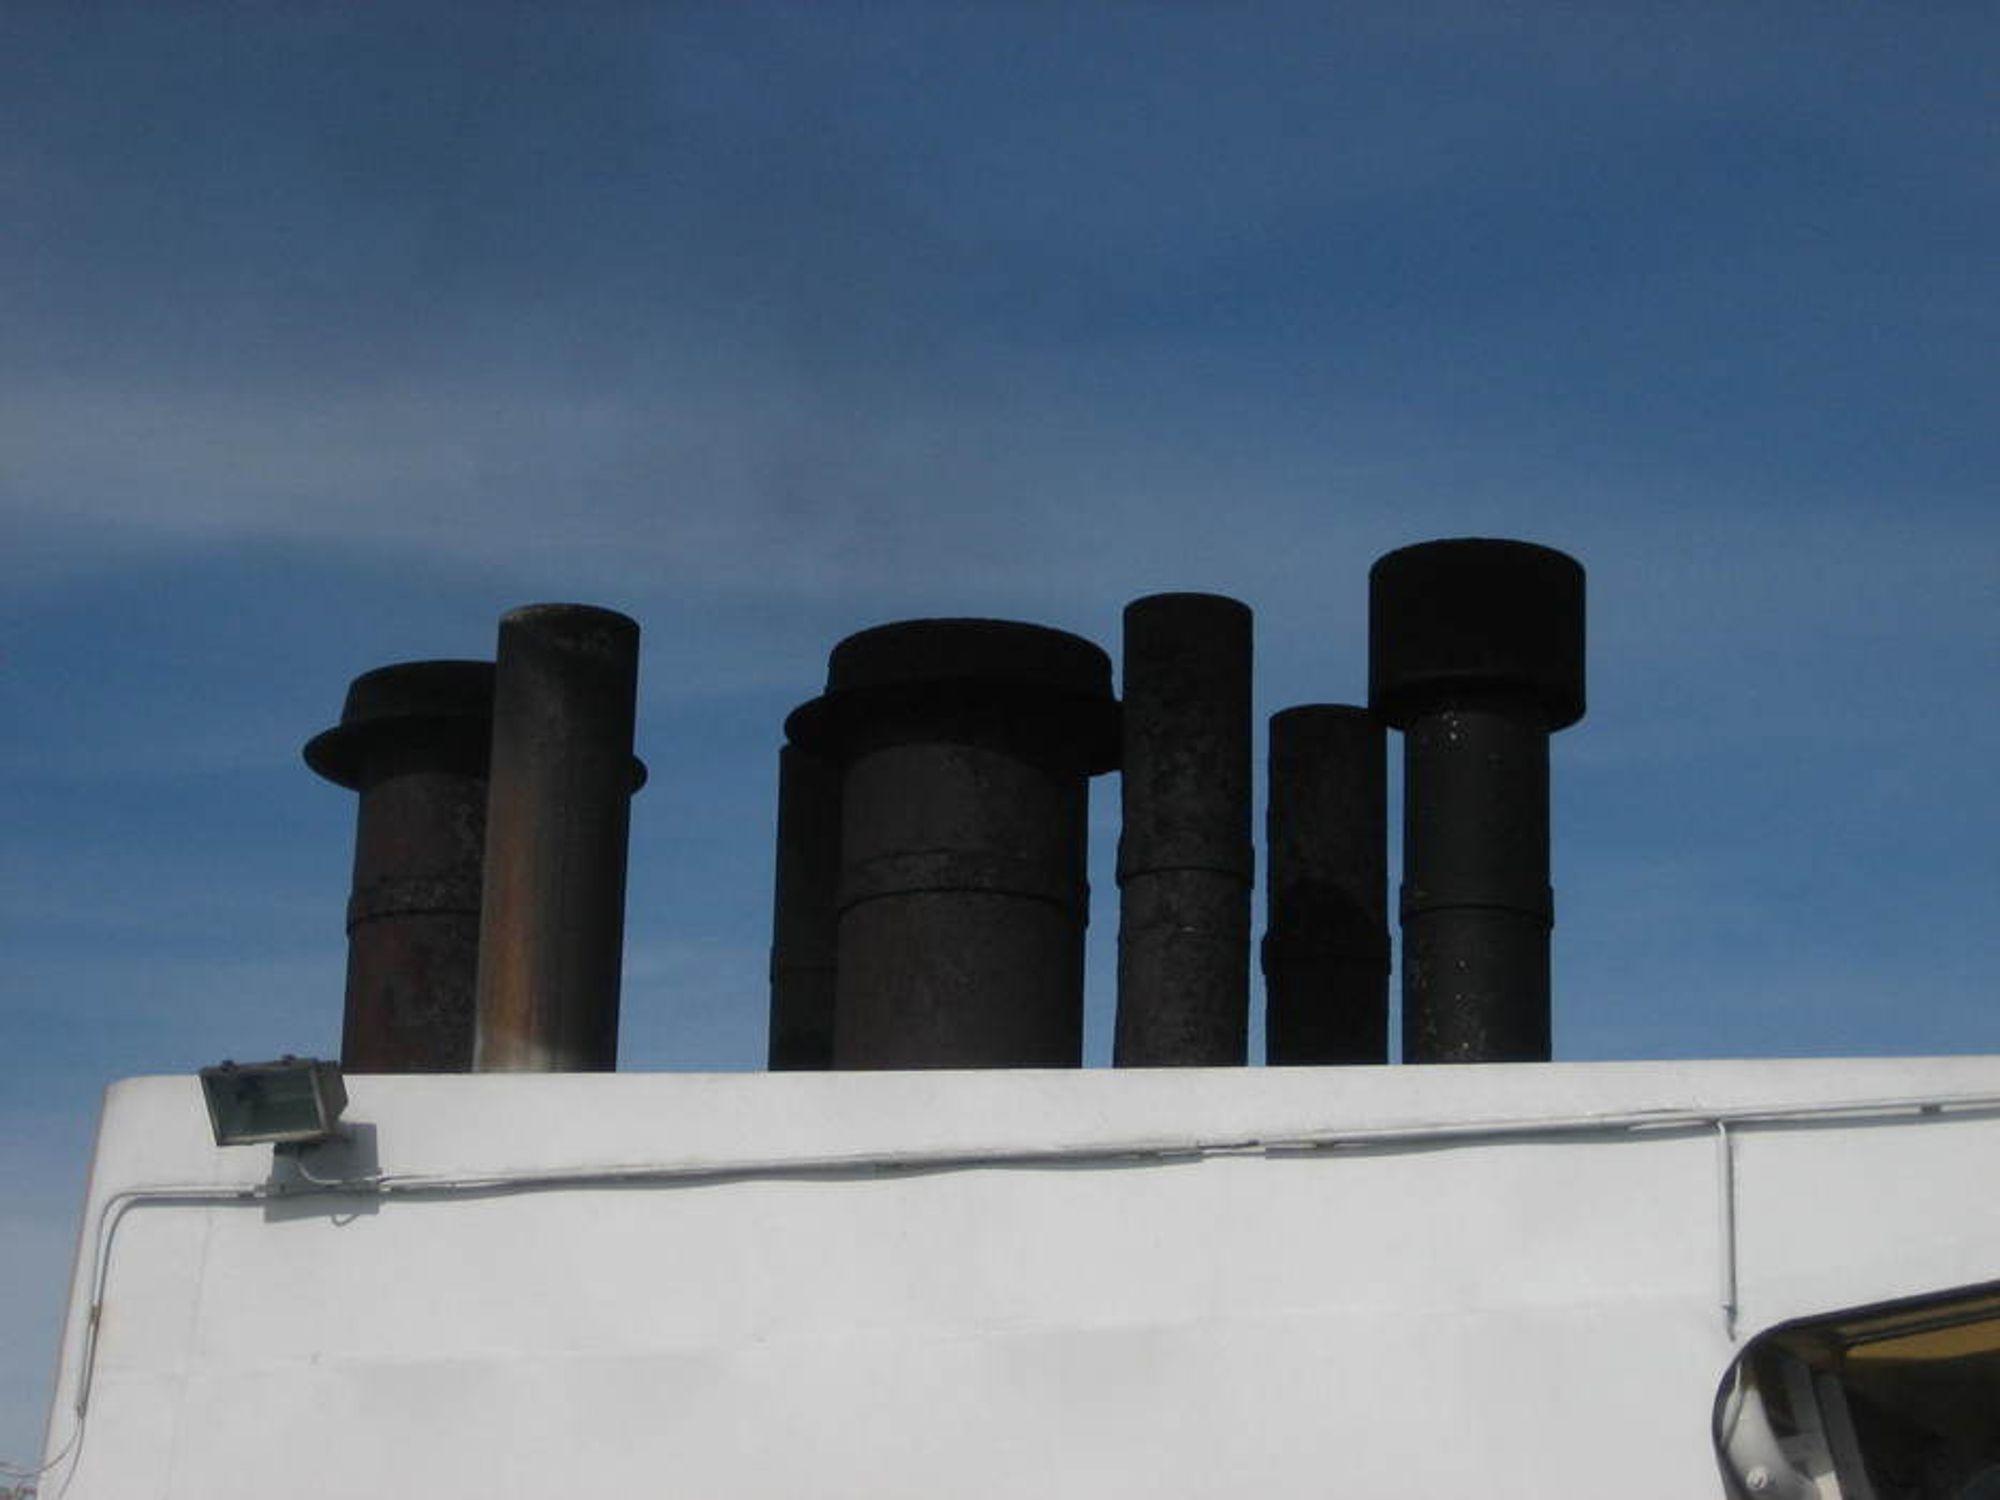 KNOCK DOWN: Opprettelsen av NOx-fond har medført ombygging av skipsmotorer og andre tiltak som effektivt har redusert NOx-utslippene.